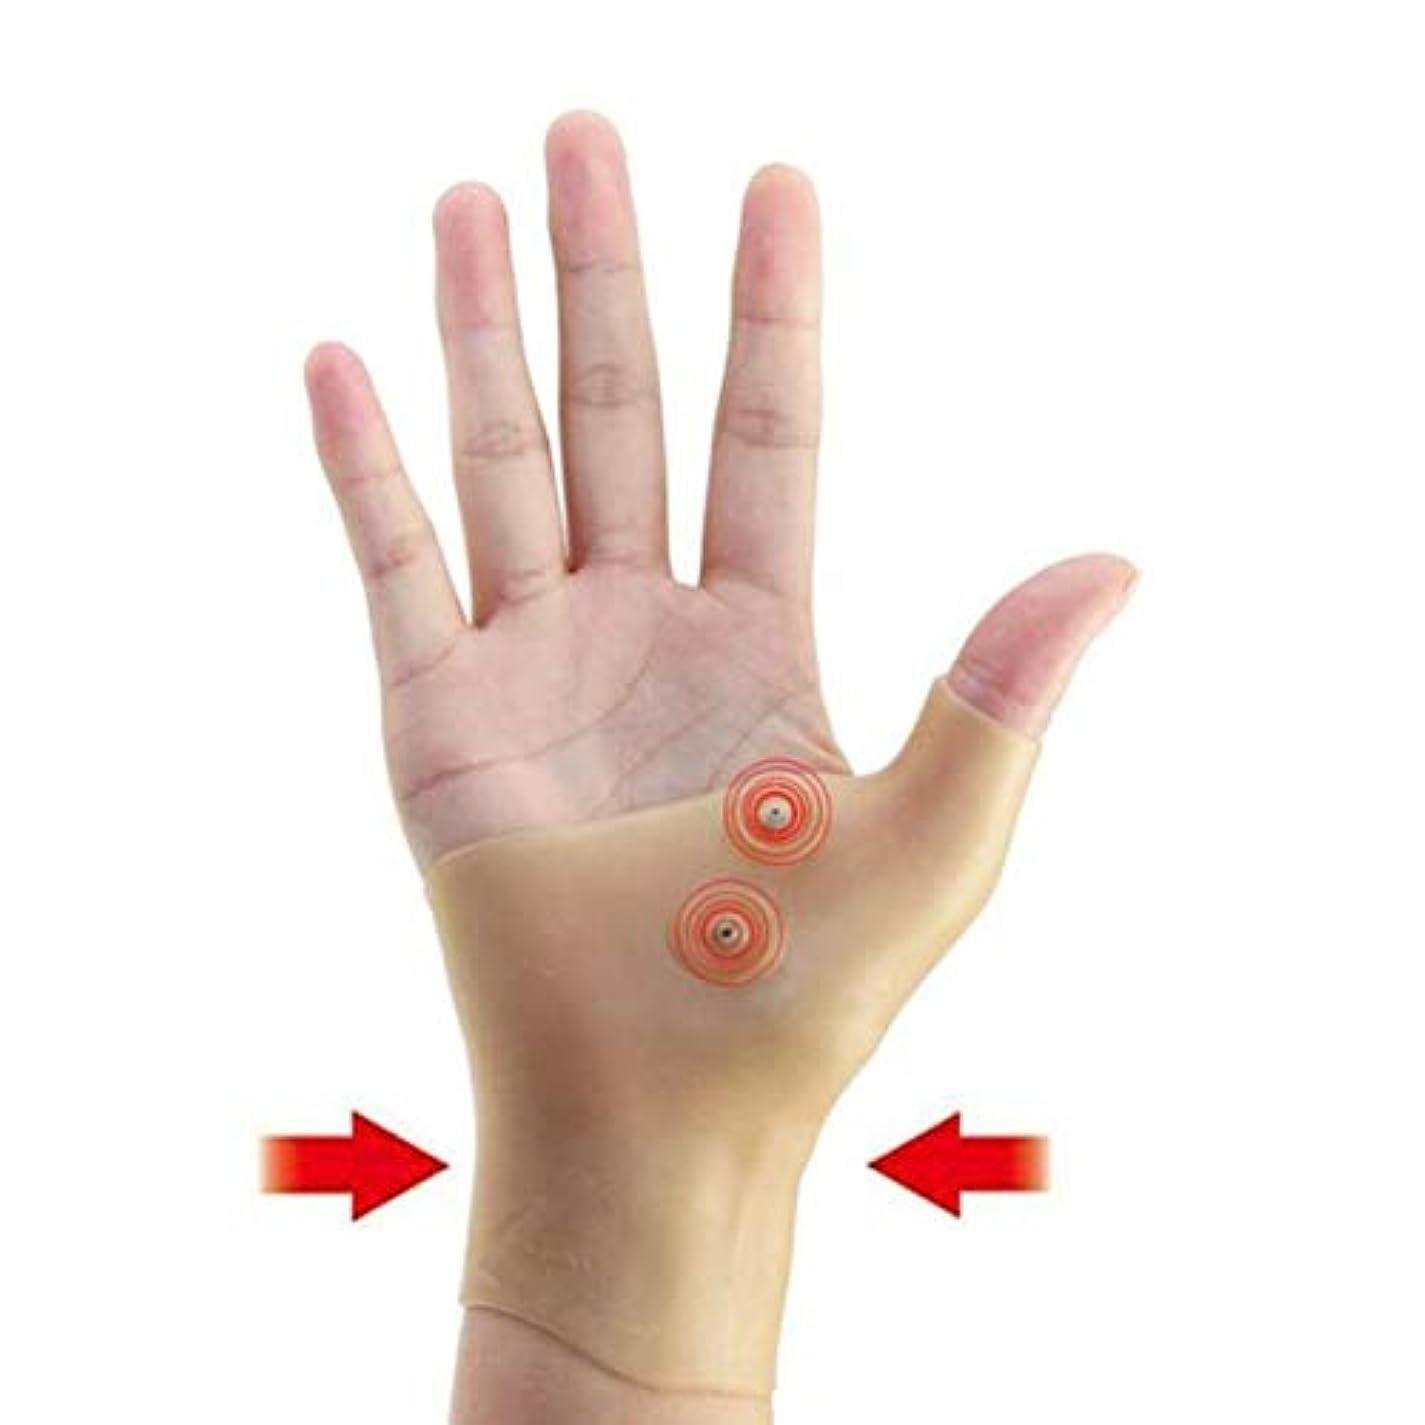 ミュウミュウスカウト領収書磁気療法手首手親指サポート手袋シリコーンゲル関節炎圧力矯正器マッサージ痛み緩和手袋 - 肌の色